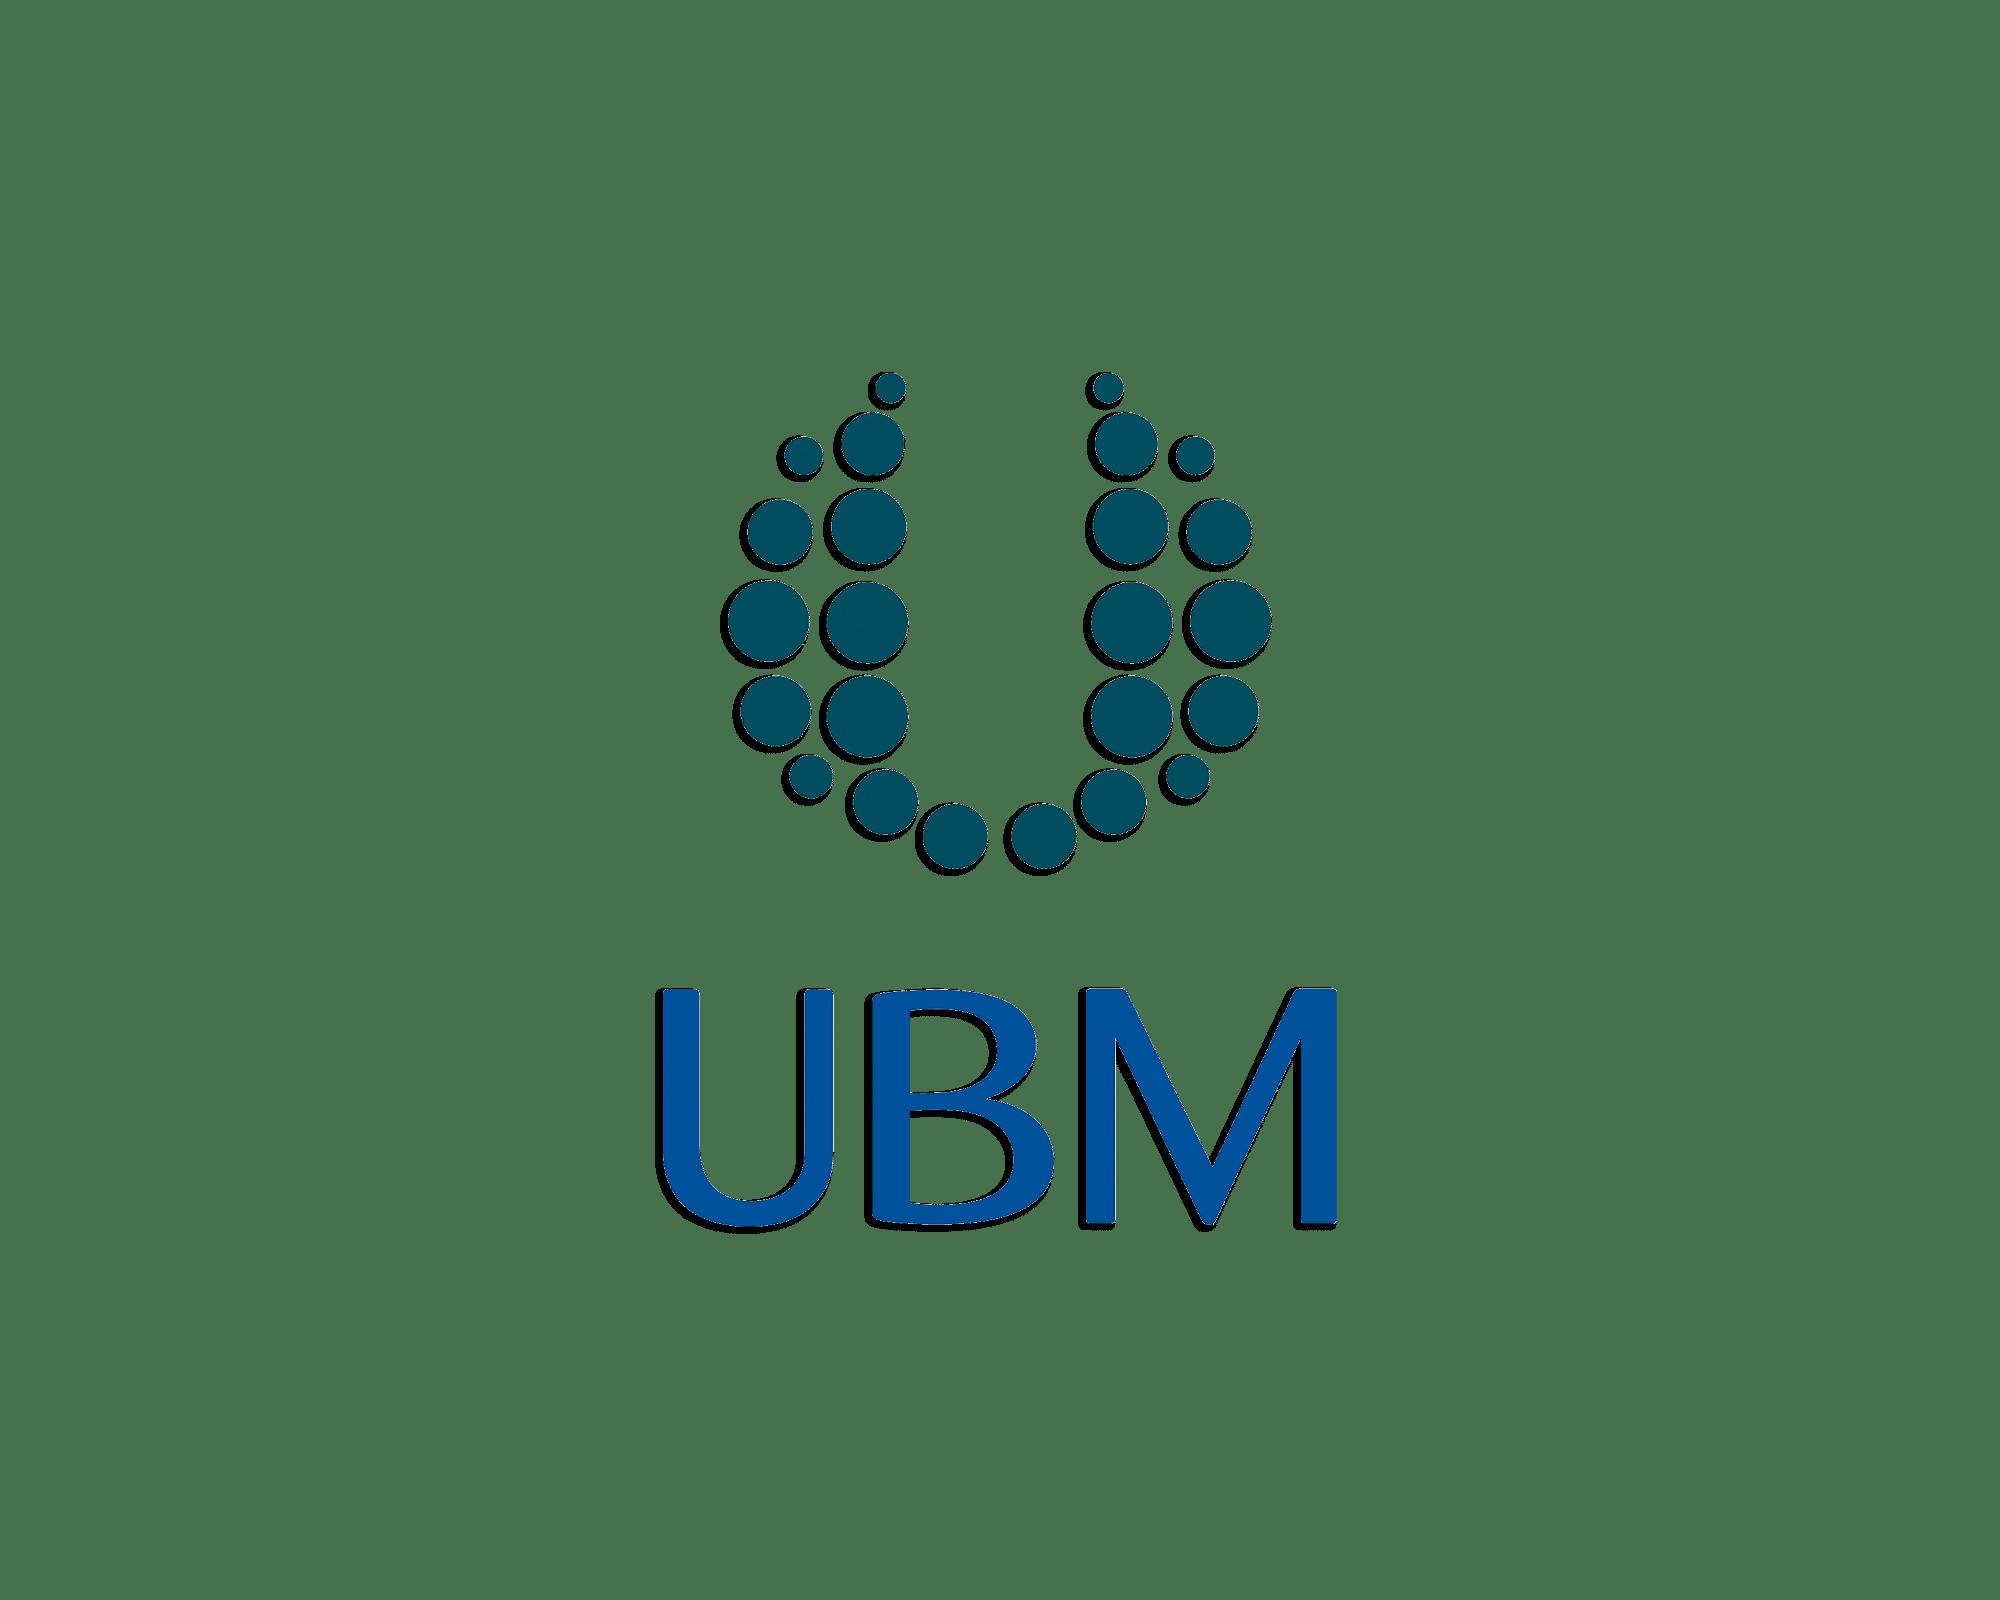 UBM-logo-logotype-copy.png